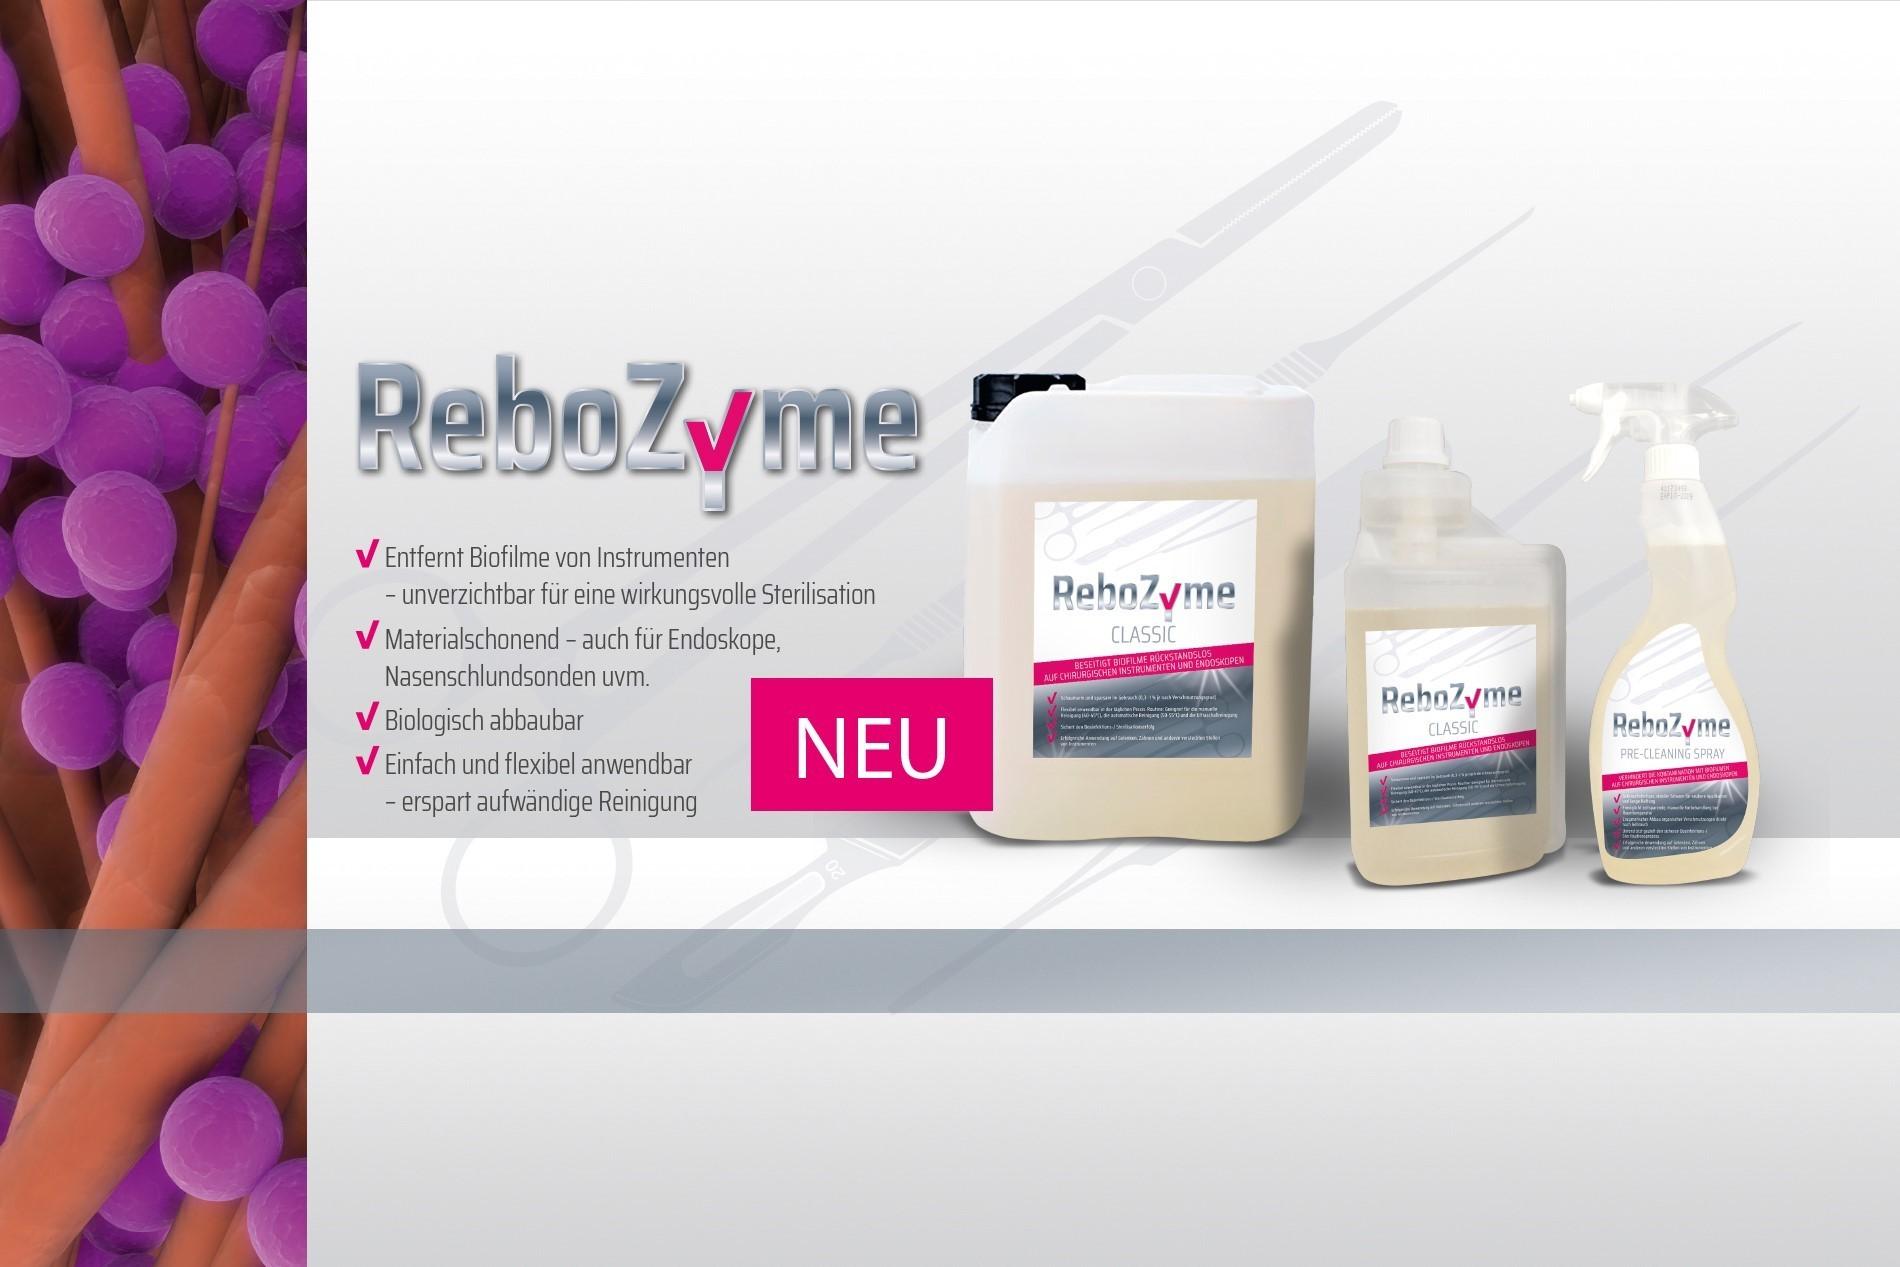 ReboZyme – Unsere neue Produktlinie